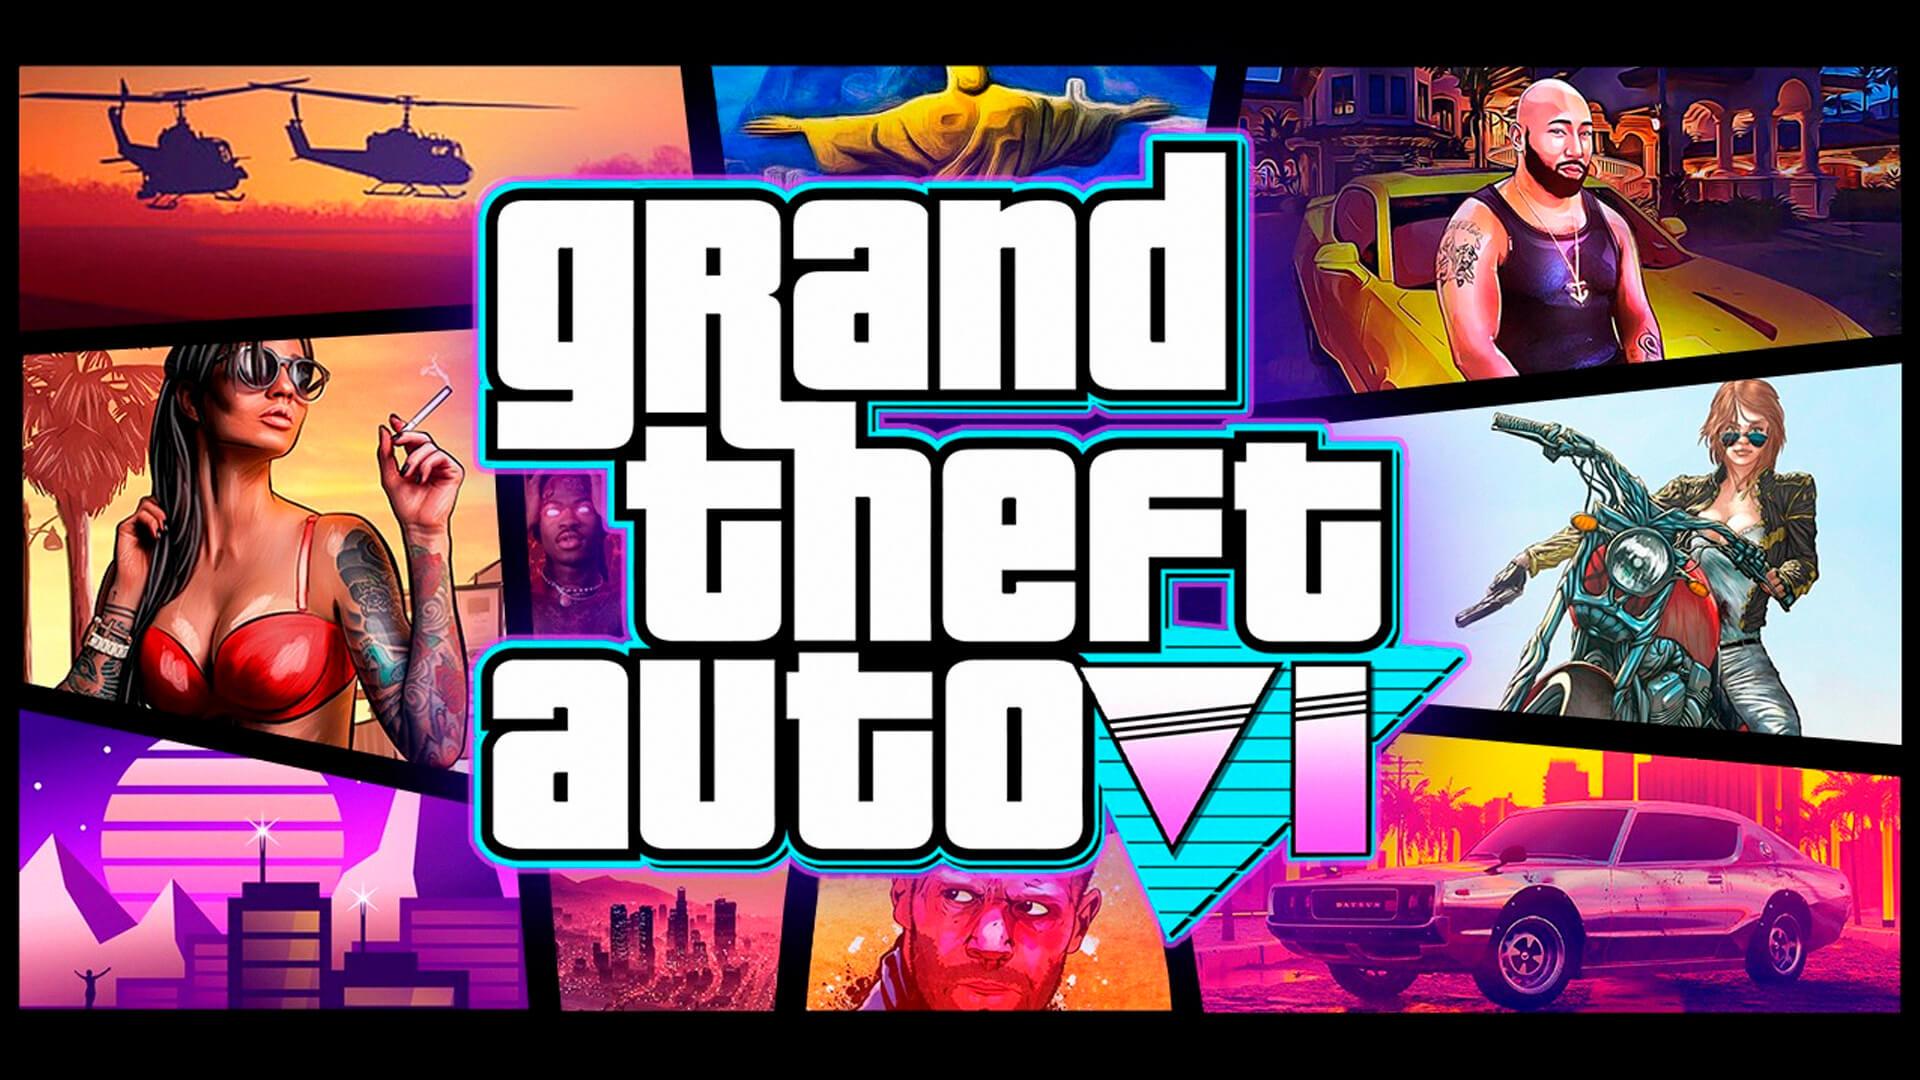 Em suma, produzido pela Rockstar Games, Grand Theft Auto VI (GTA 6) e GTA World vai ser lançado para PlayStation 5 e Xbox Series S/X em 2023.